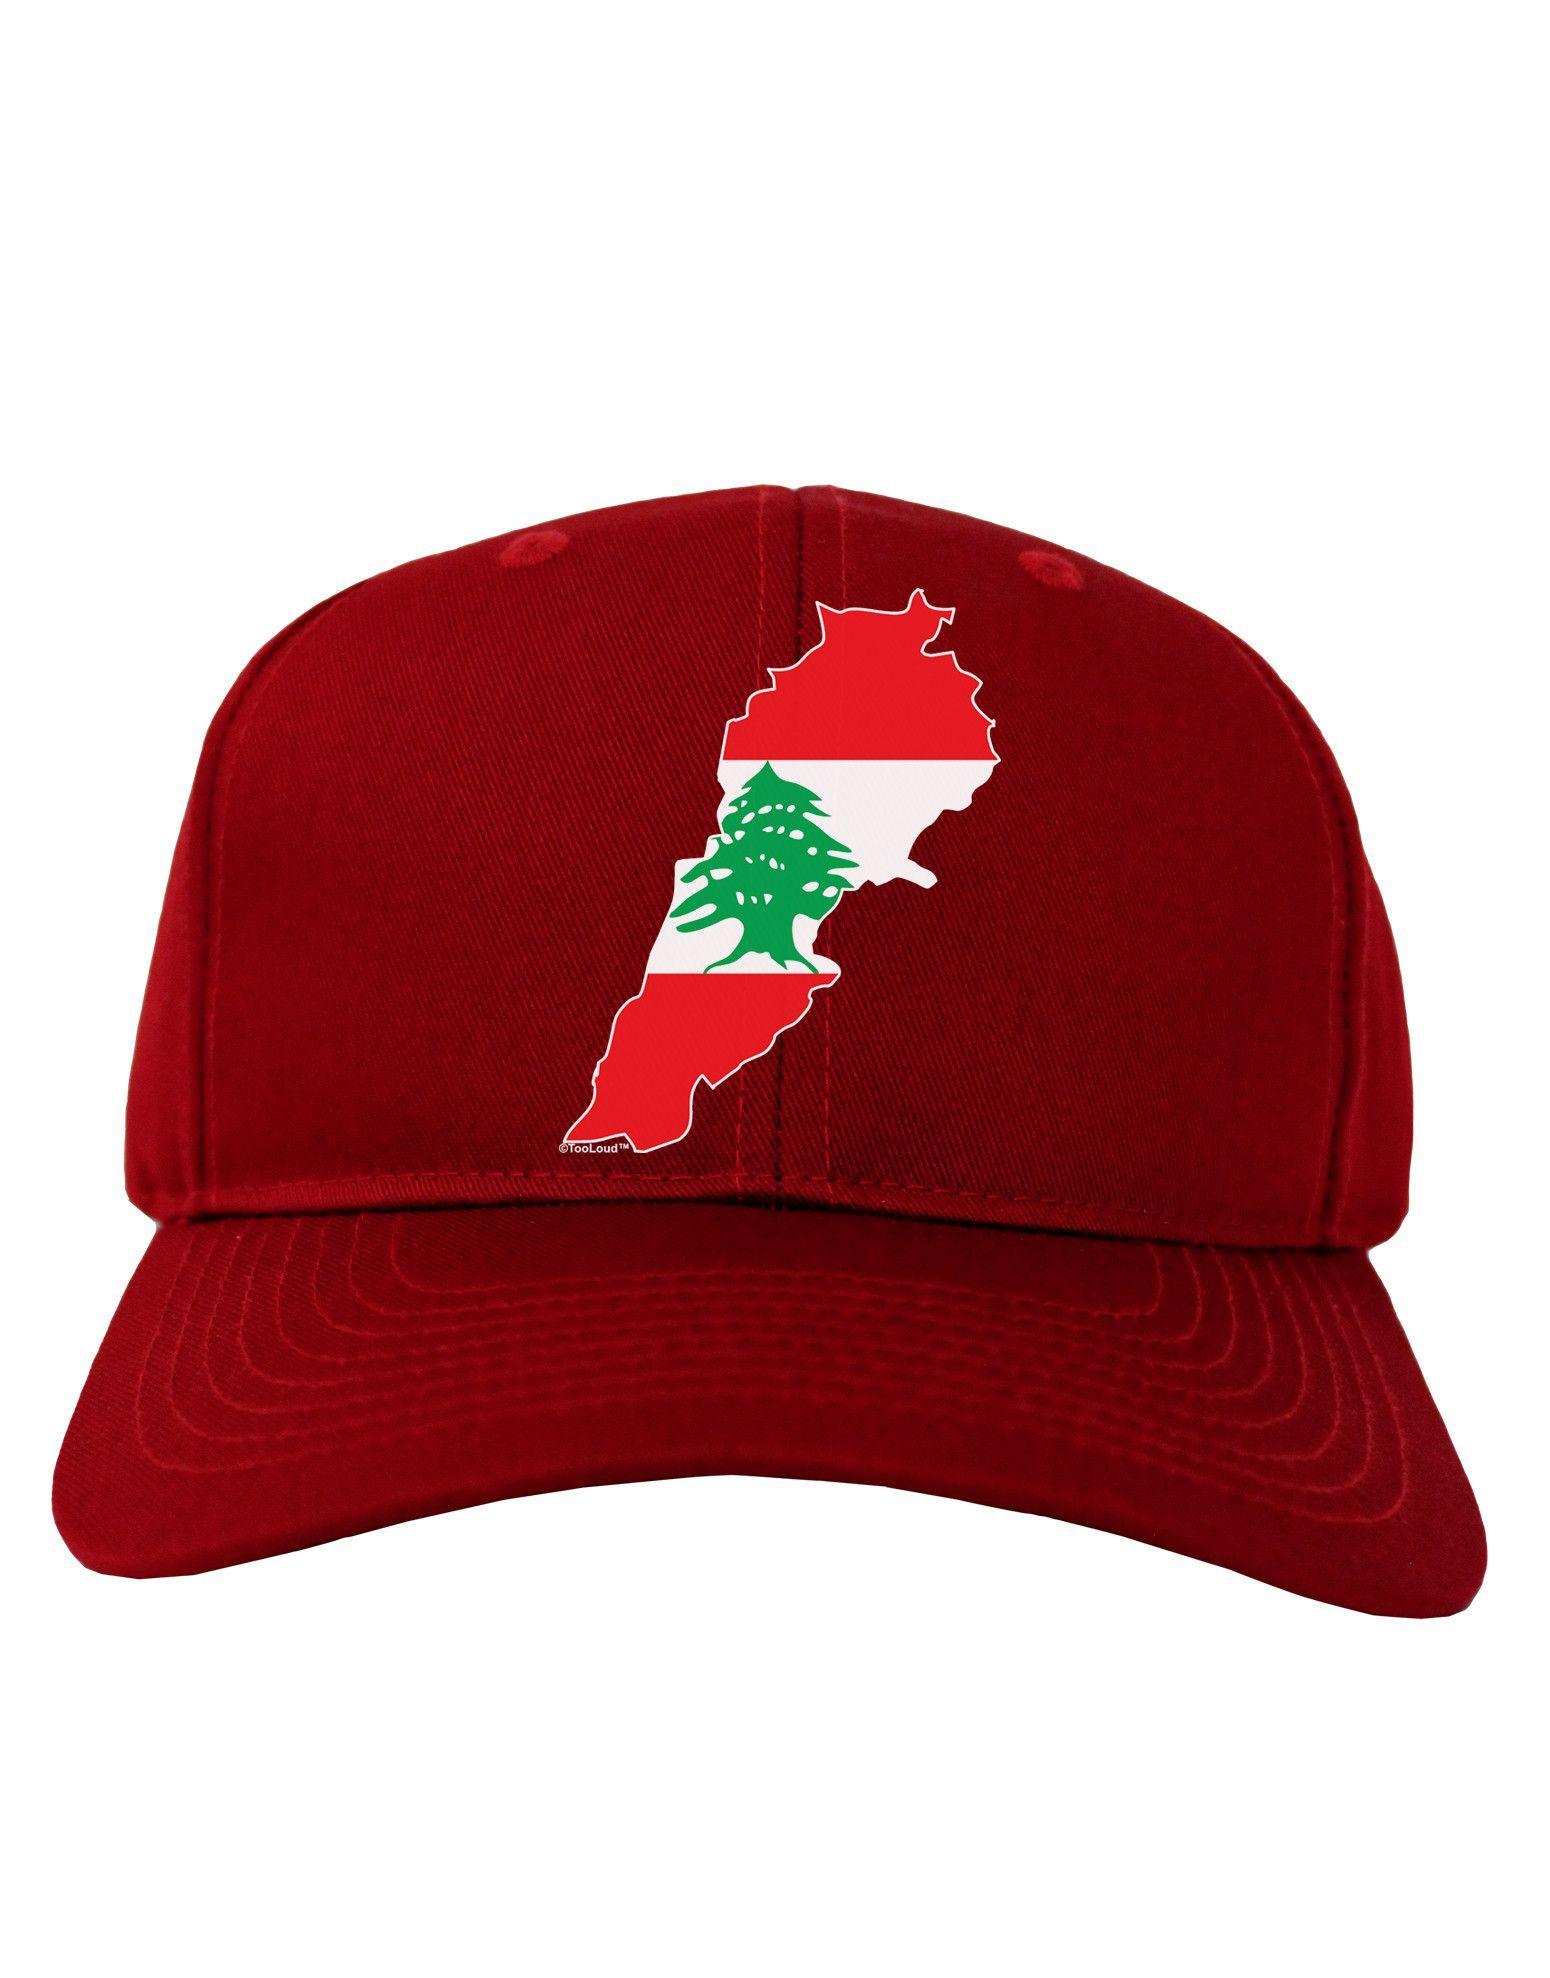 1550x1978 Lebanon Flag Silhouette Adult Dark Baseball Cap Hat Lebanon Flag